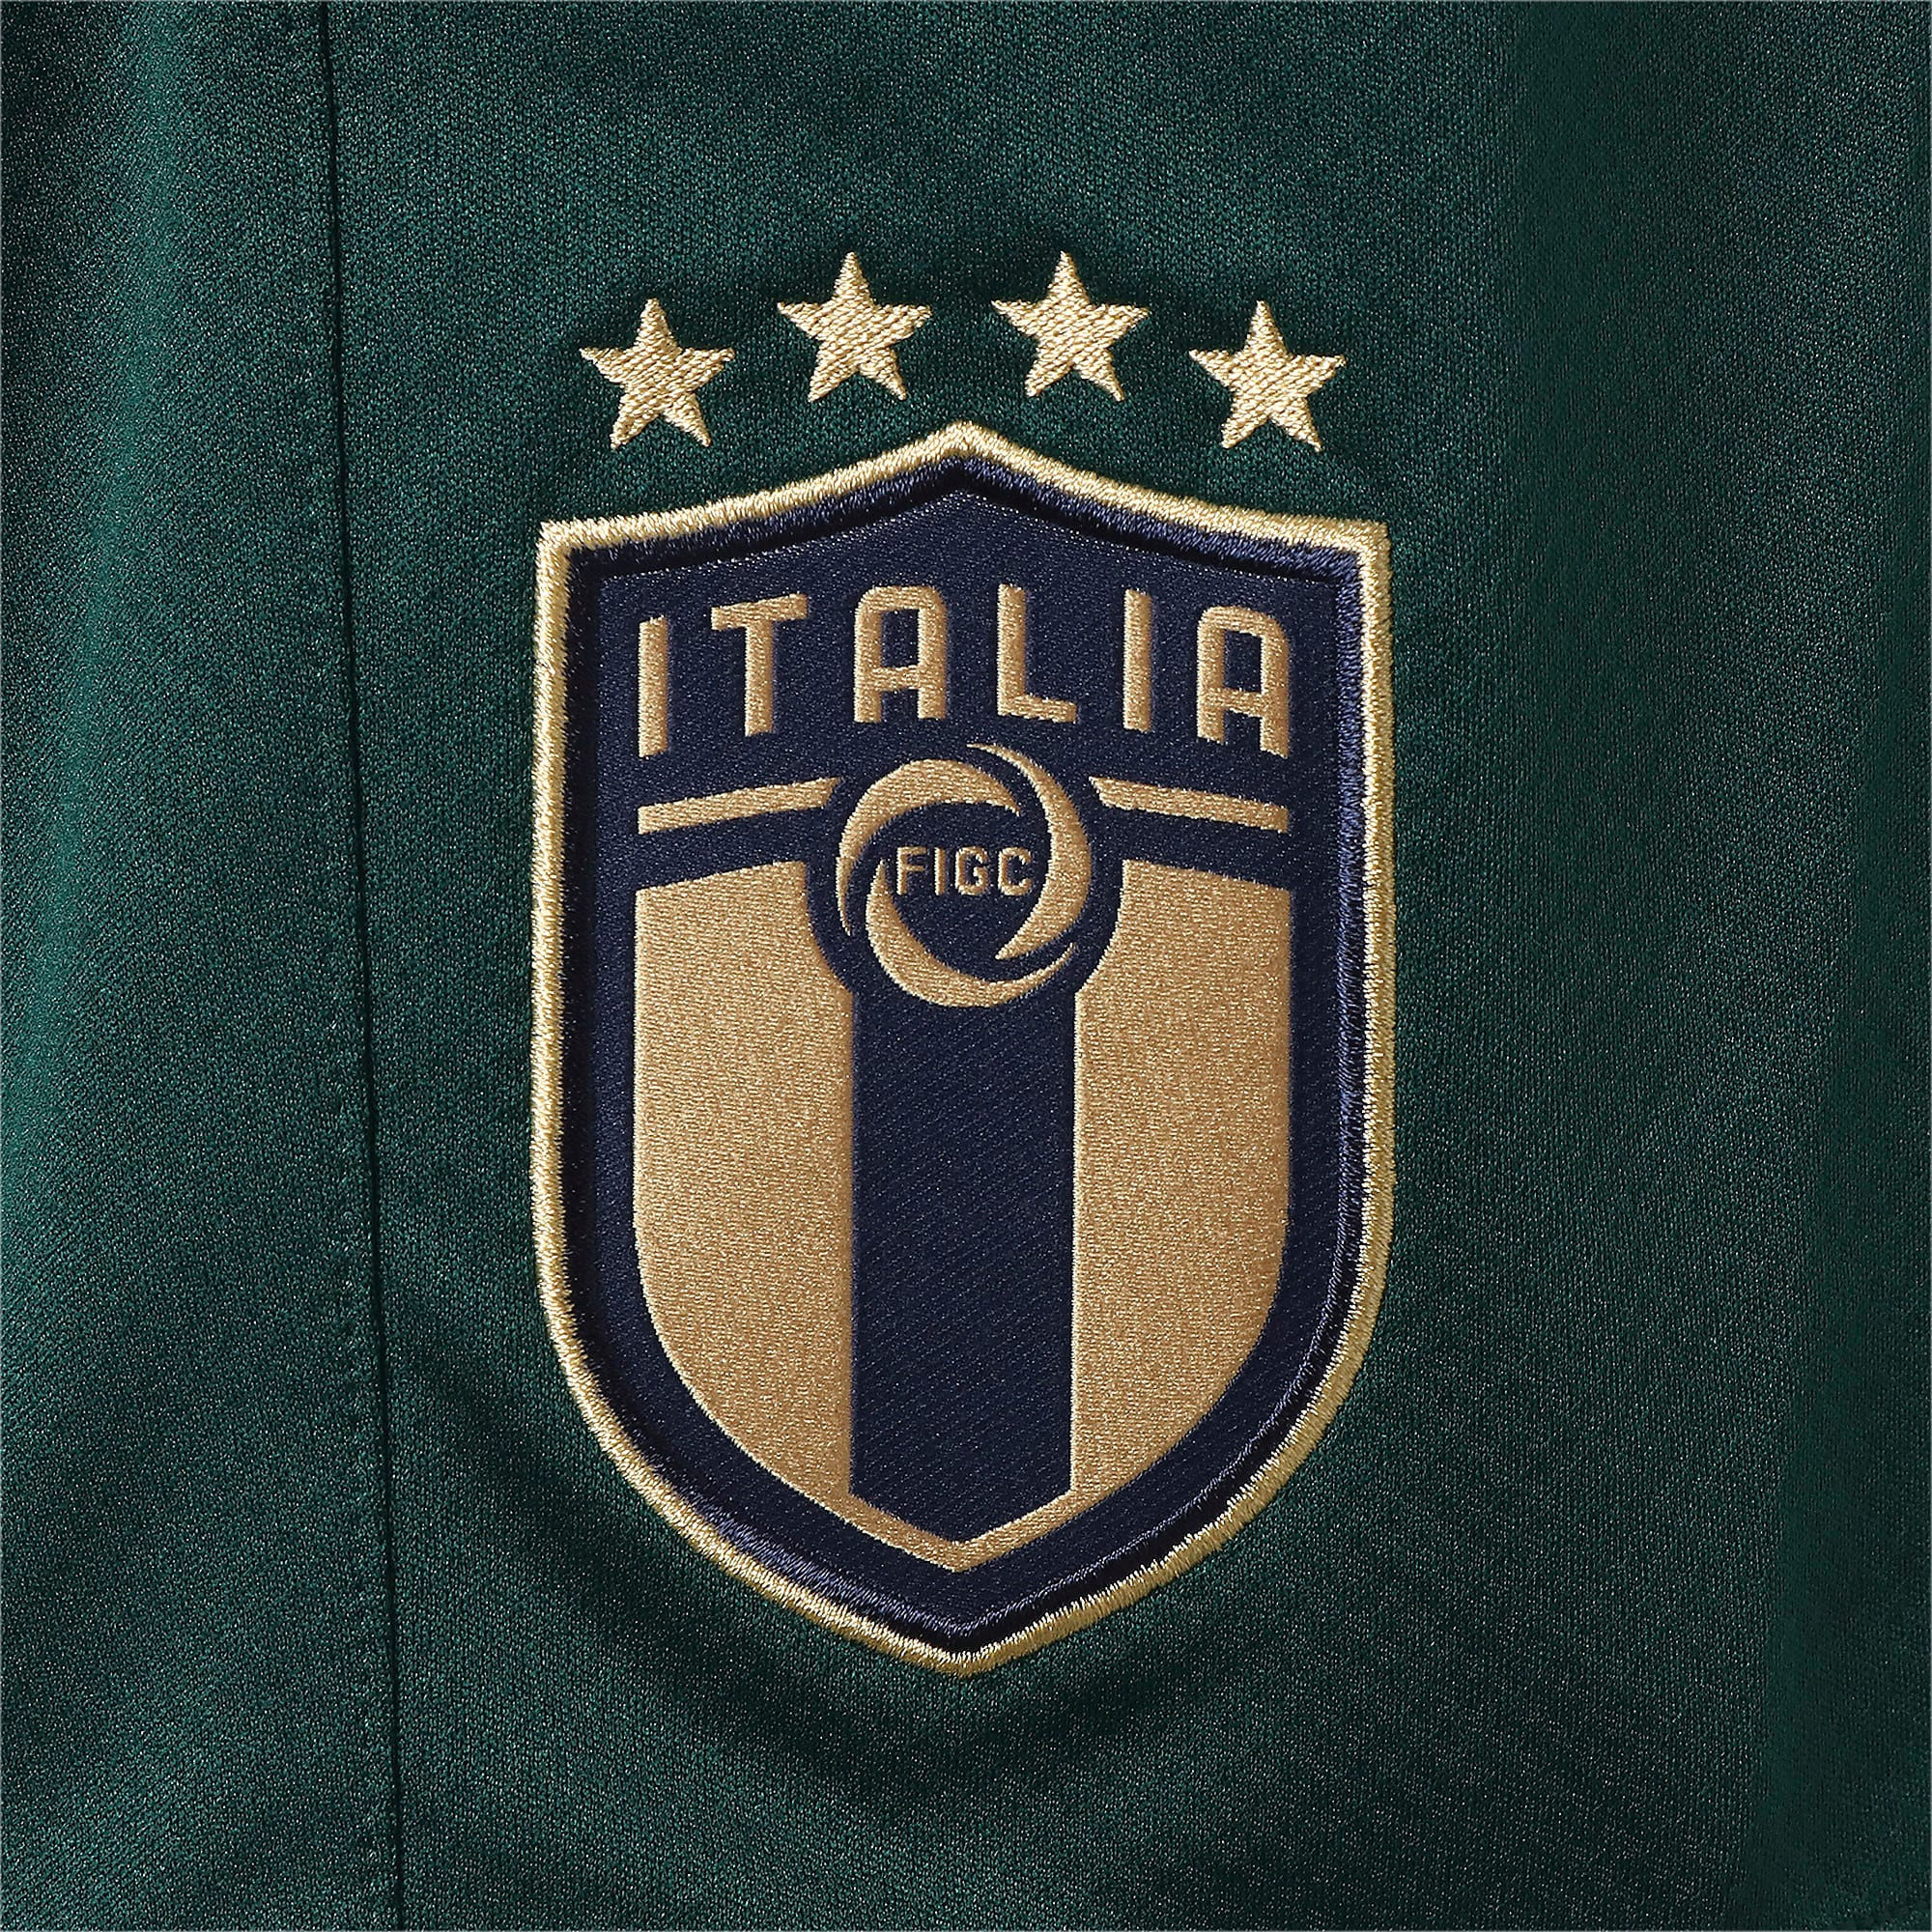 Thumbnail 8 of FIGC イタリア RENAISSANCE レプリカショーツ, Ponderosa Pine-Peacoat, medium-JPN